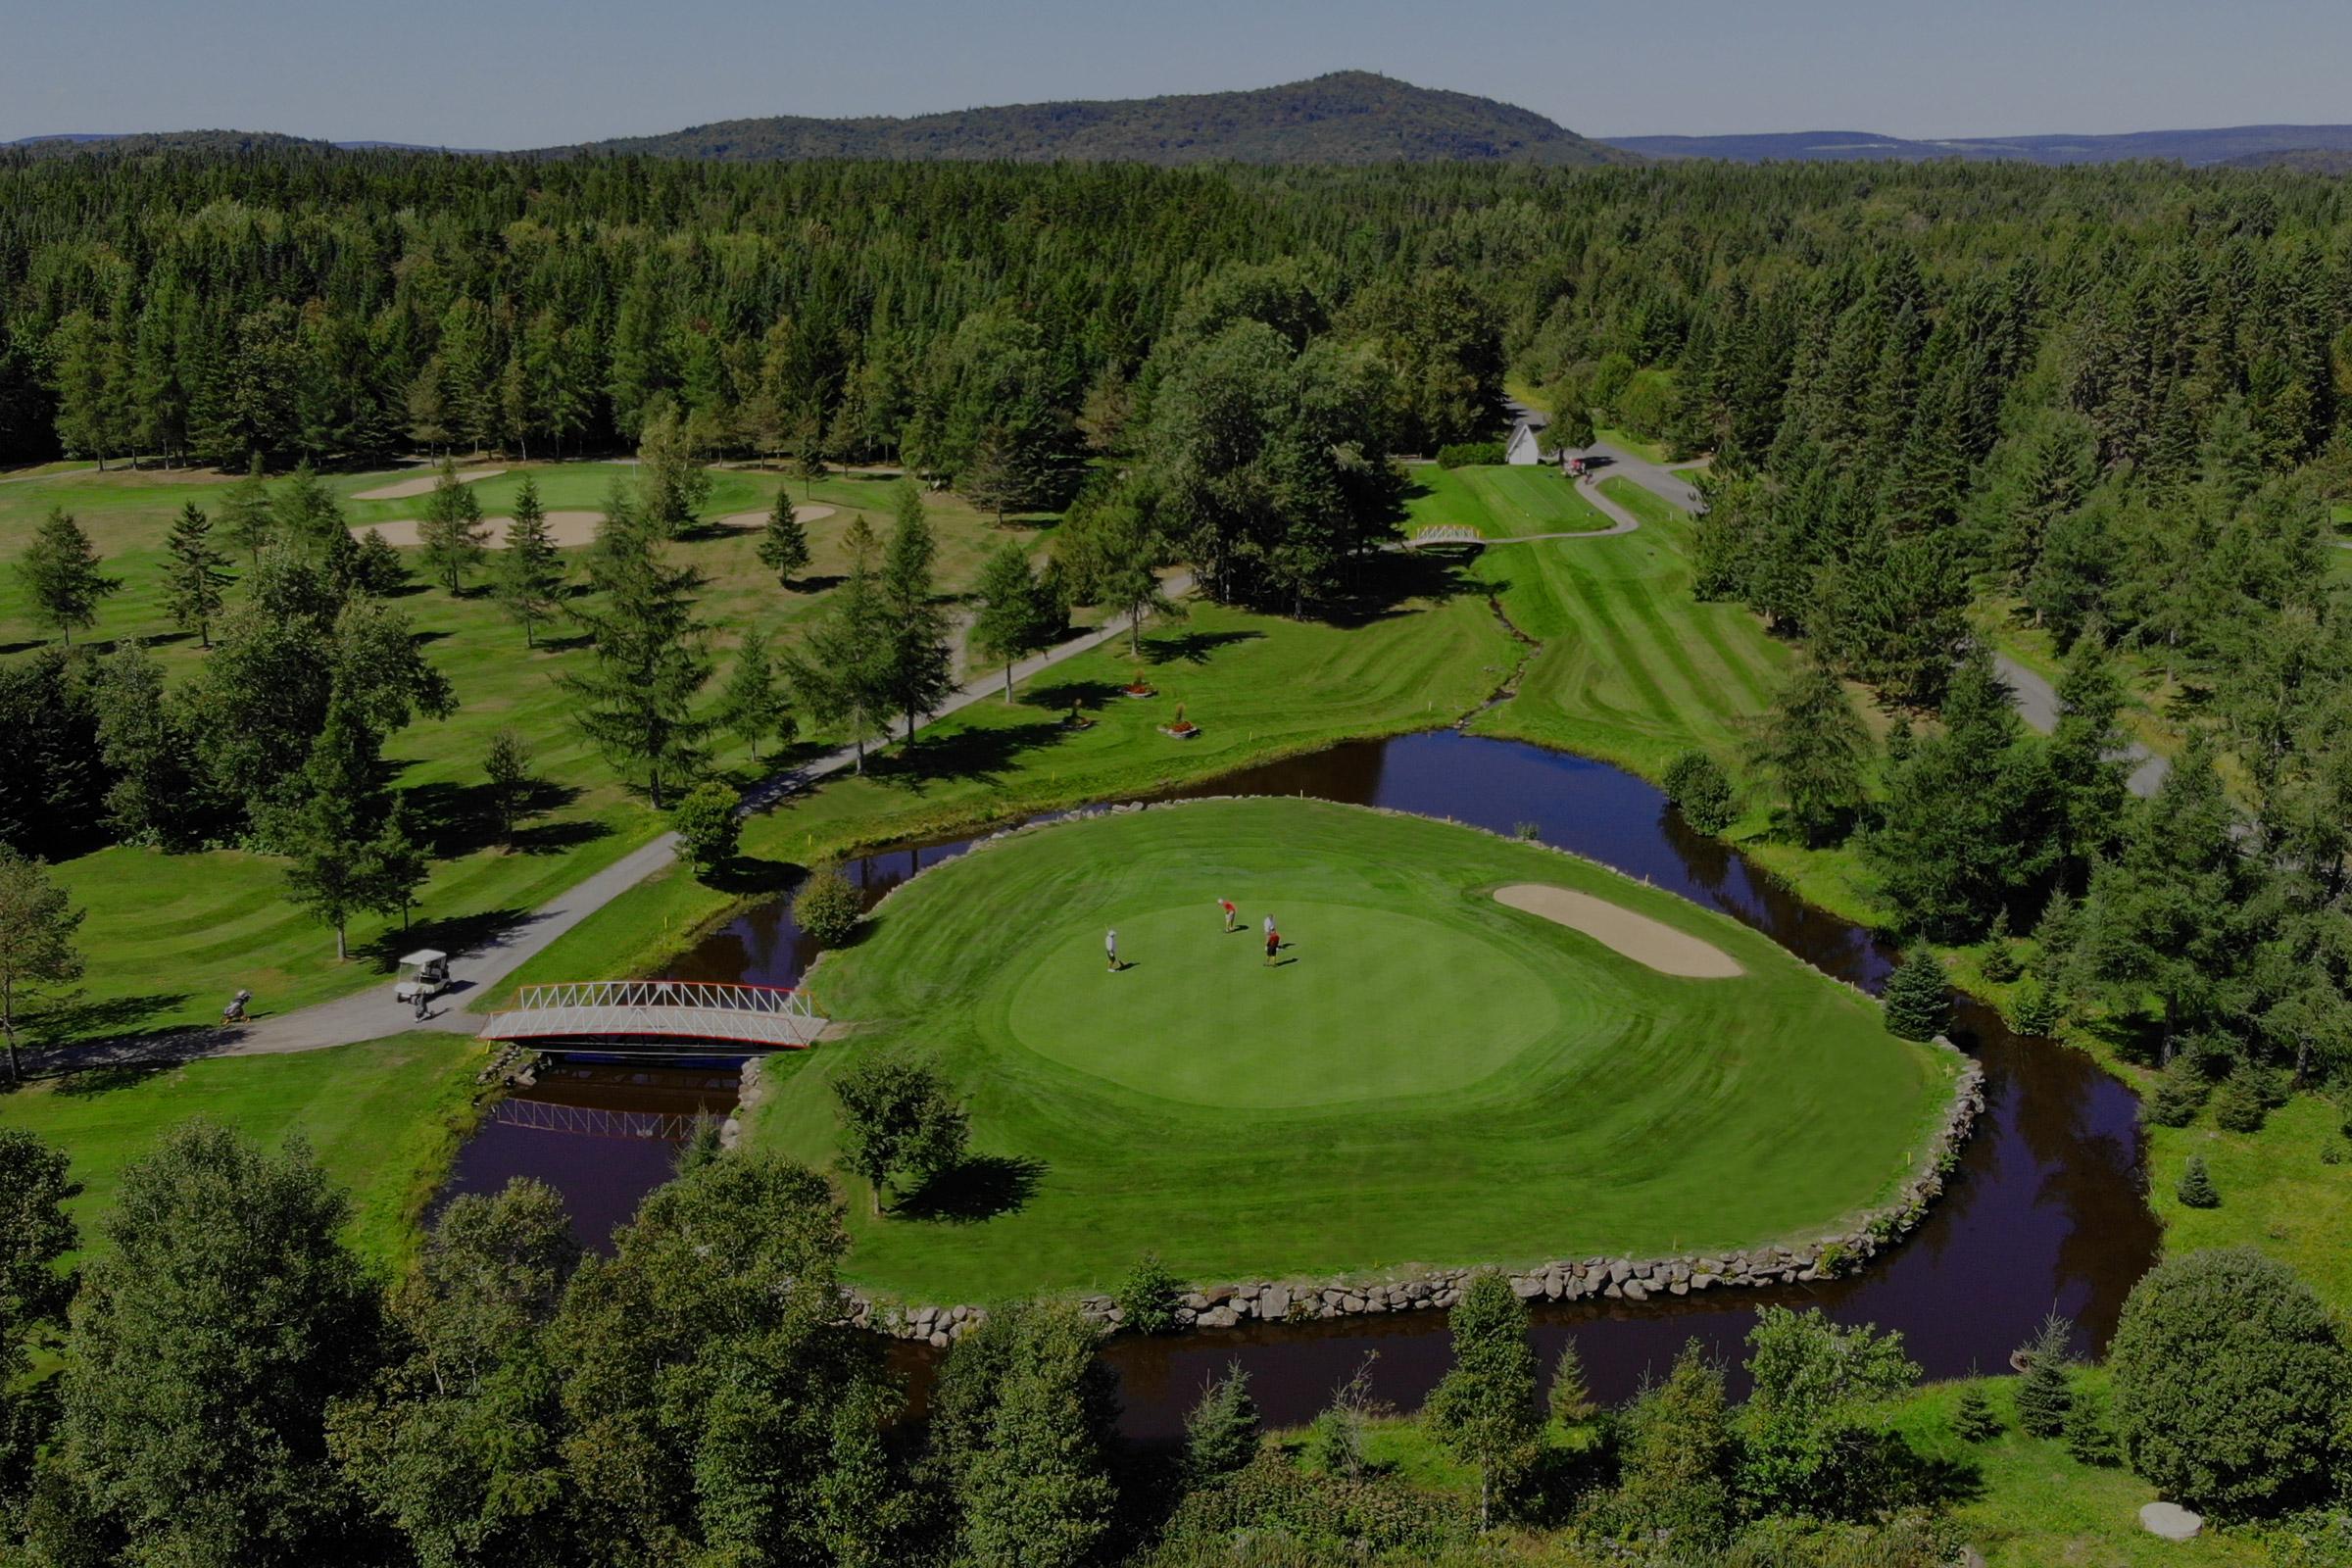 Club-de-golf-Lac-Etchemin-Photos-vidéos-terrain